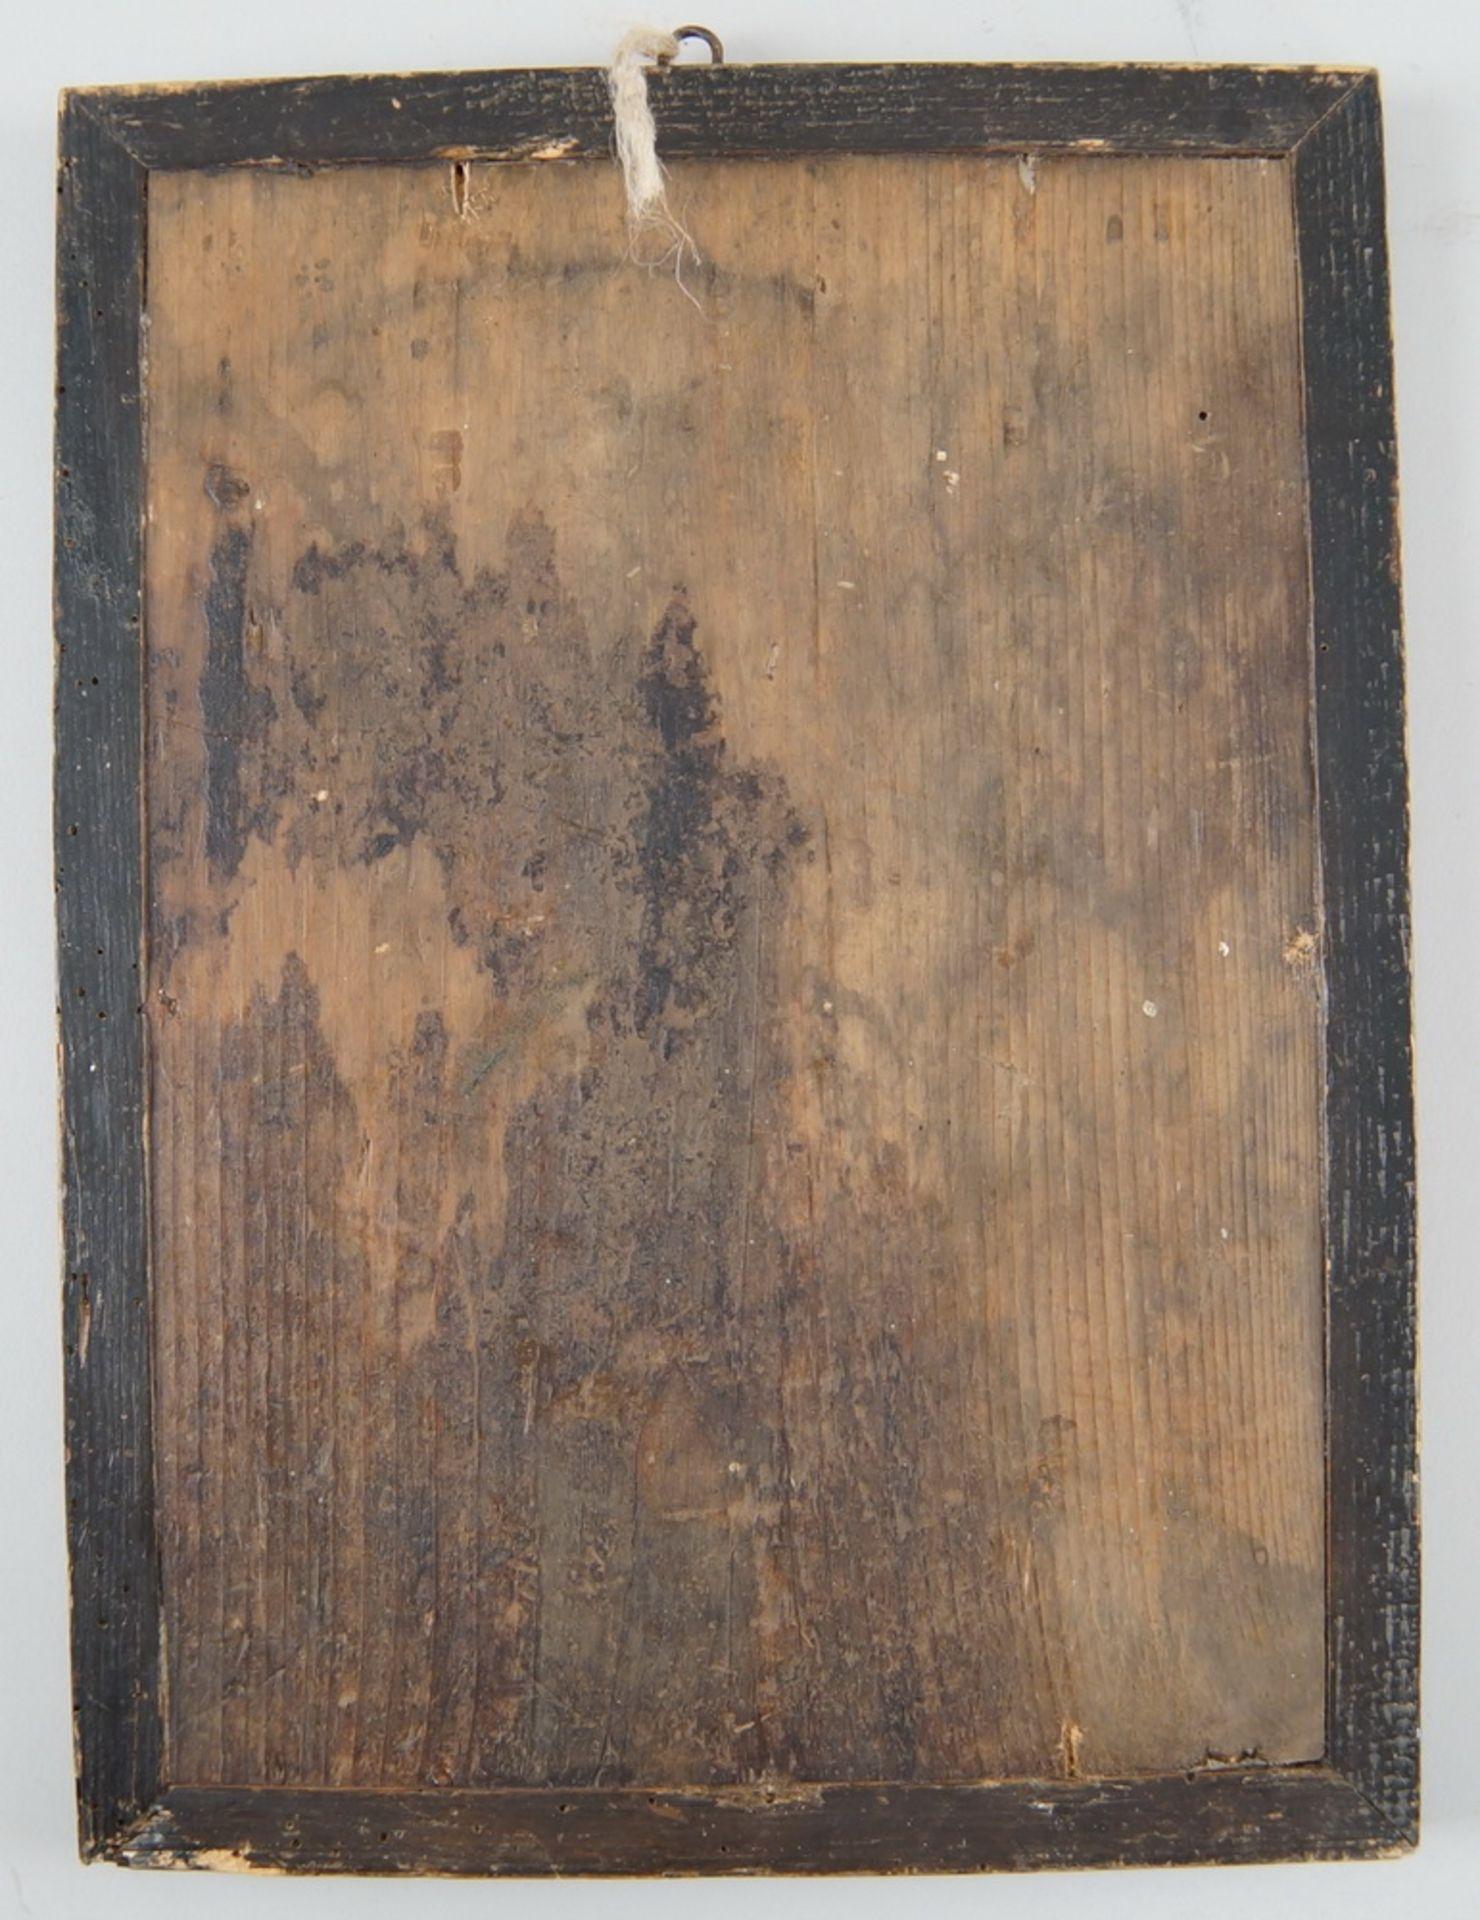 Hinterglasbild / Hinterglasmalerei, Jesuskind, mit Holzrahmen, 30,5x22,5cm - Bild 5 aus 5